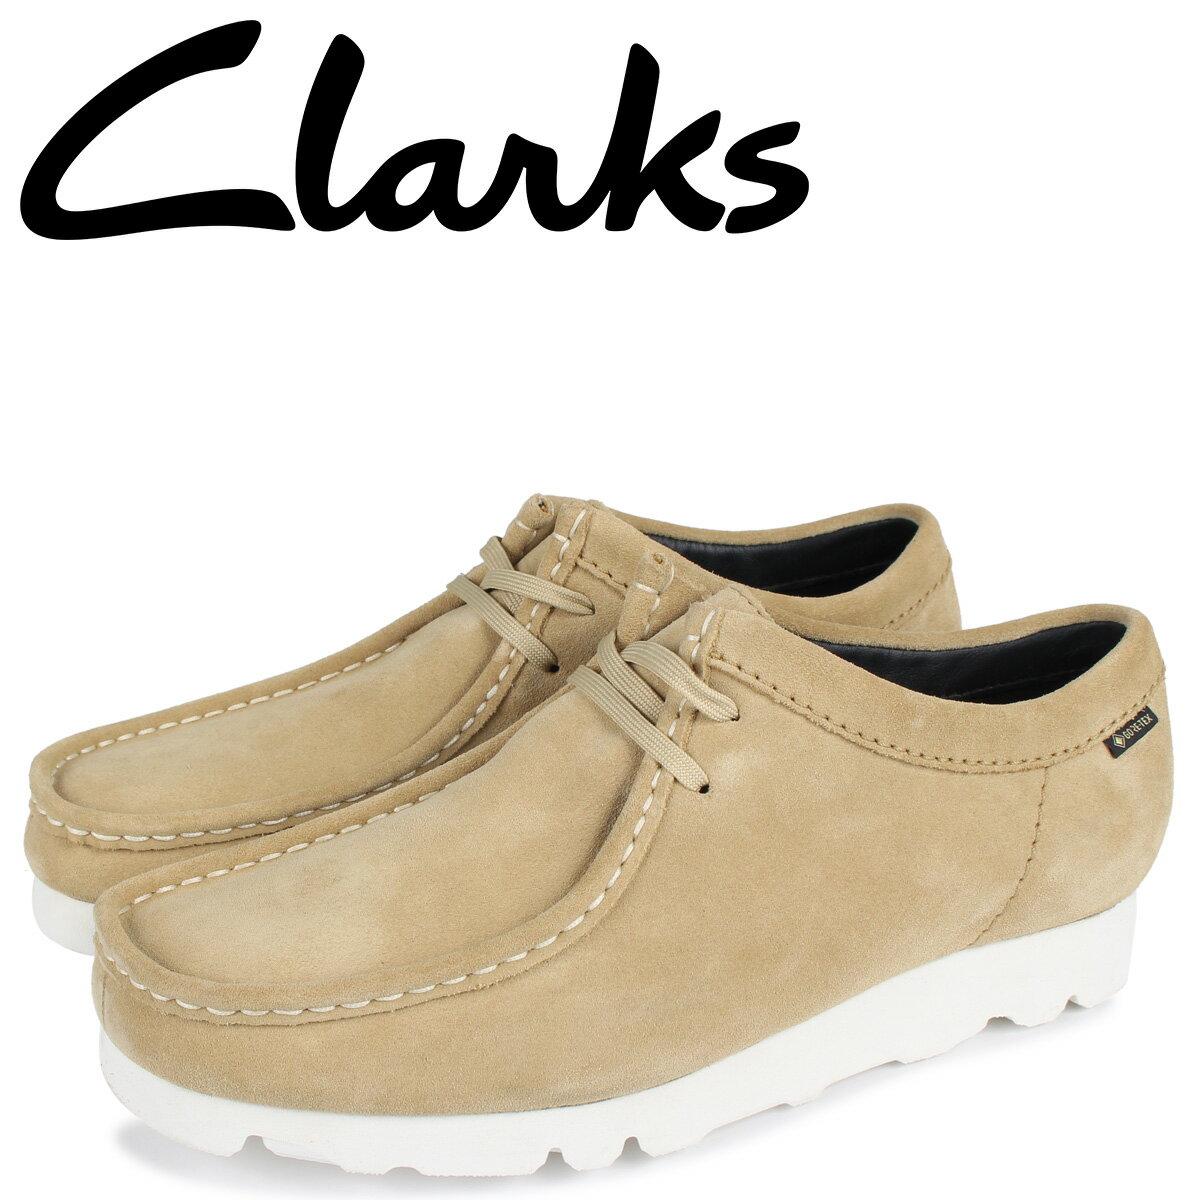 クラークス CLARKS ワラビーブーツ メンズ 防水 WALLABEE GTX ベージュ 26149450 [10月 新入荷]